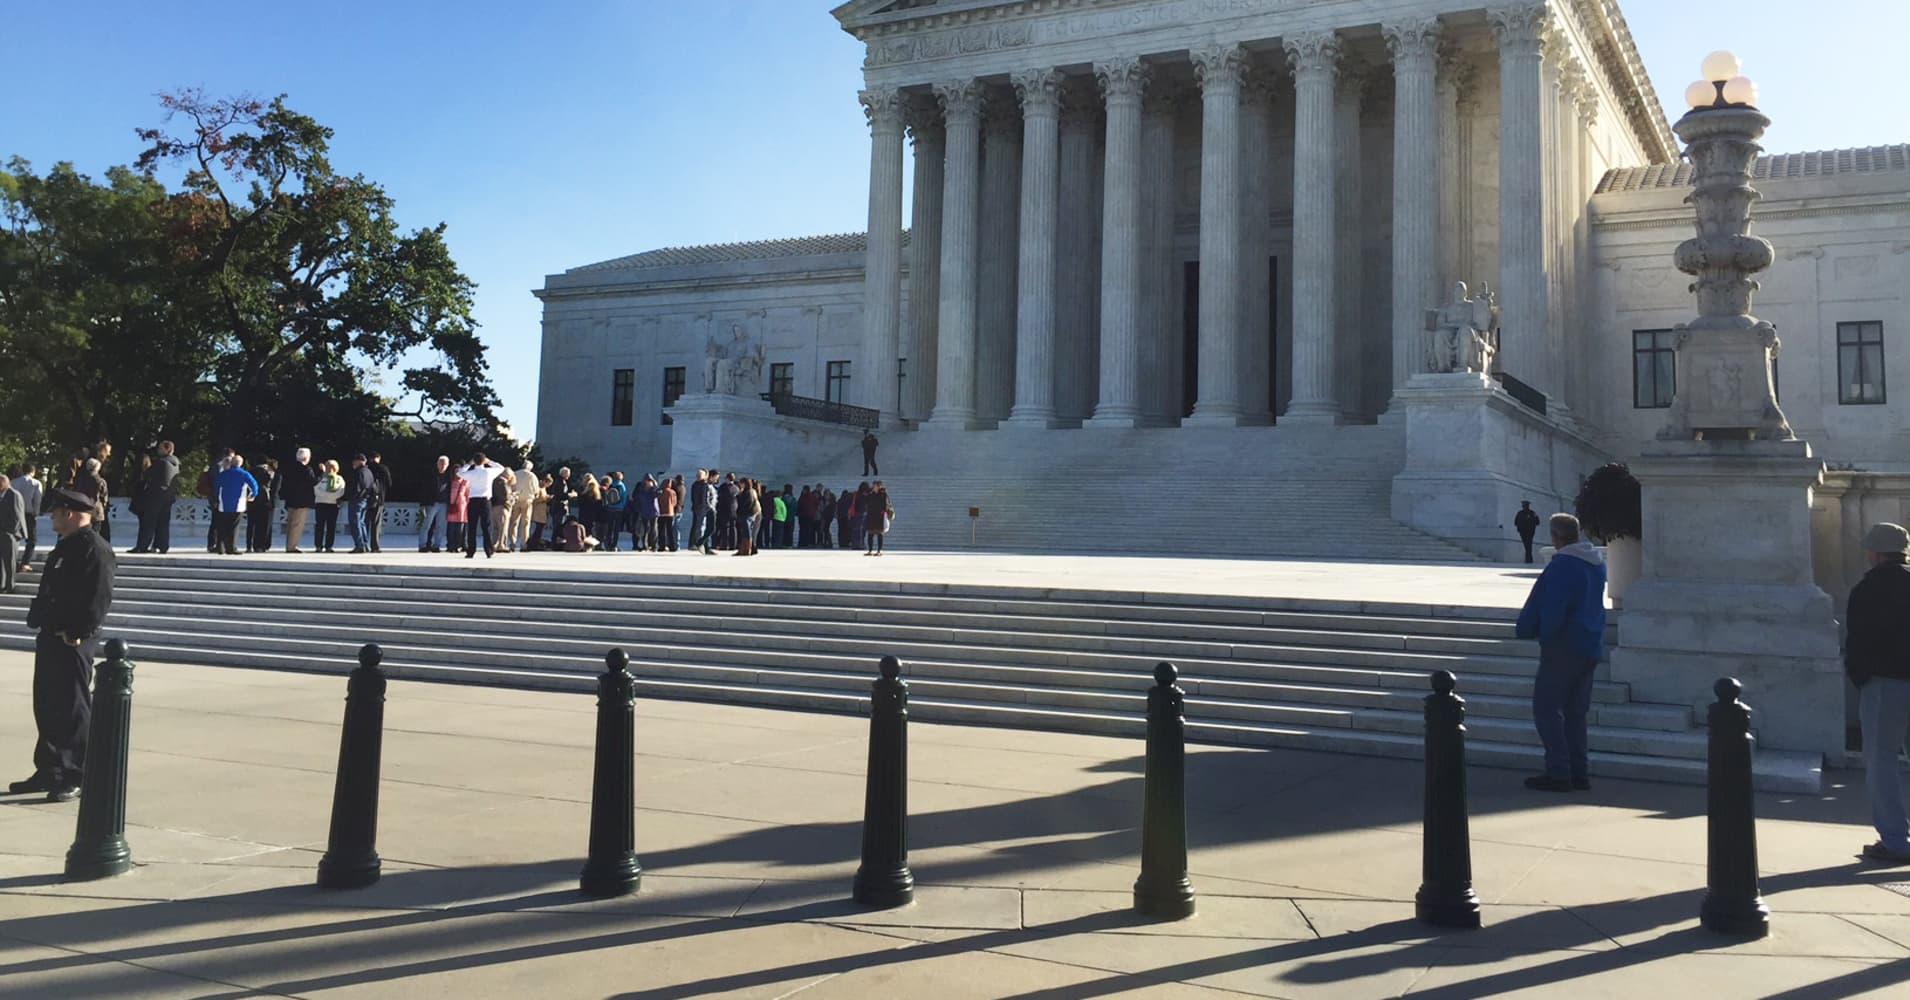 Supreme Court will hear Trump travel ban challenge